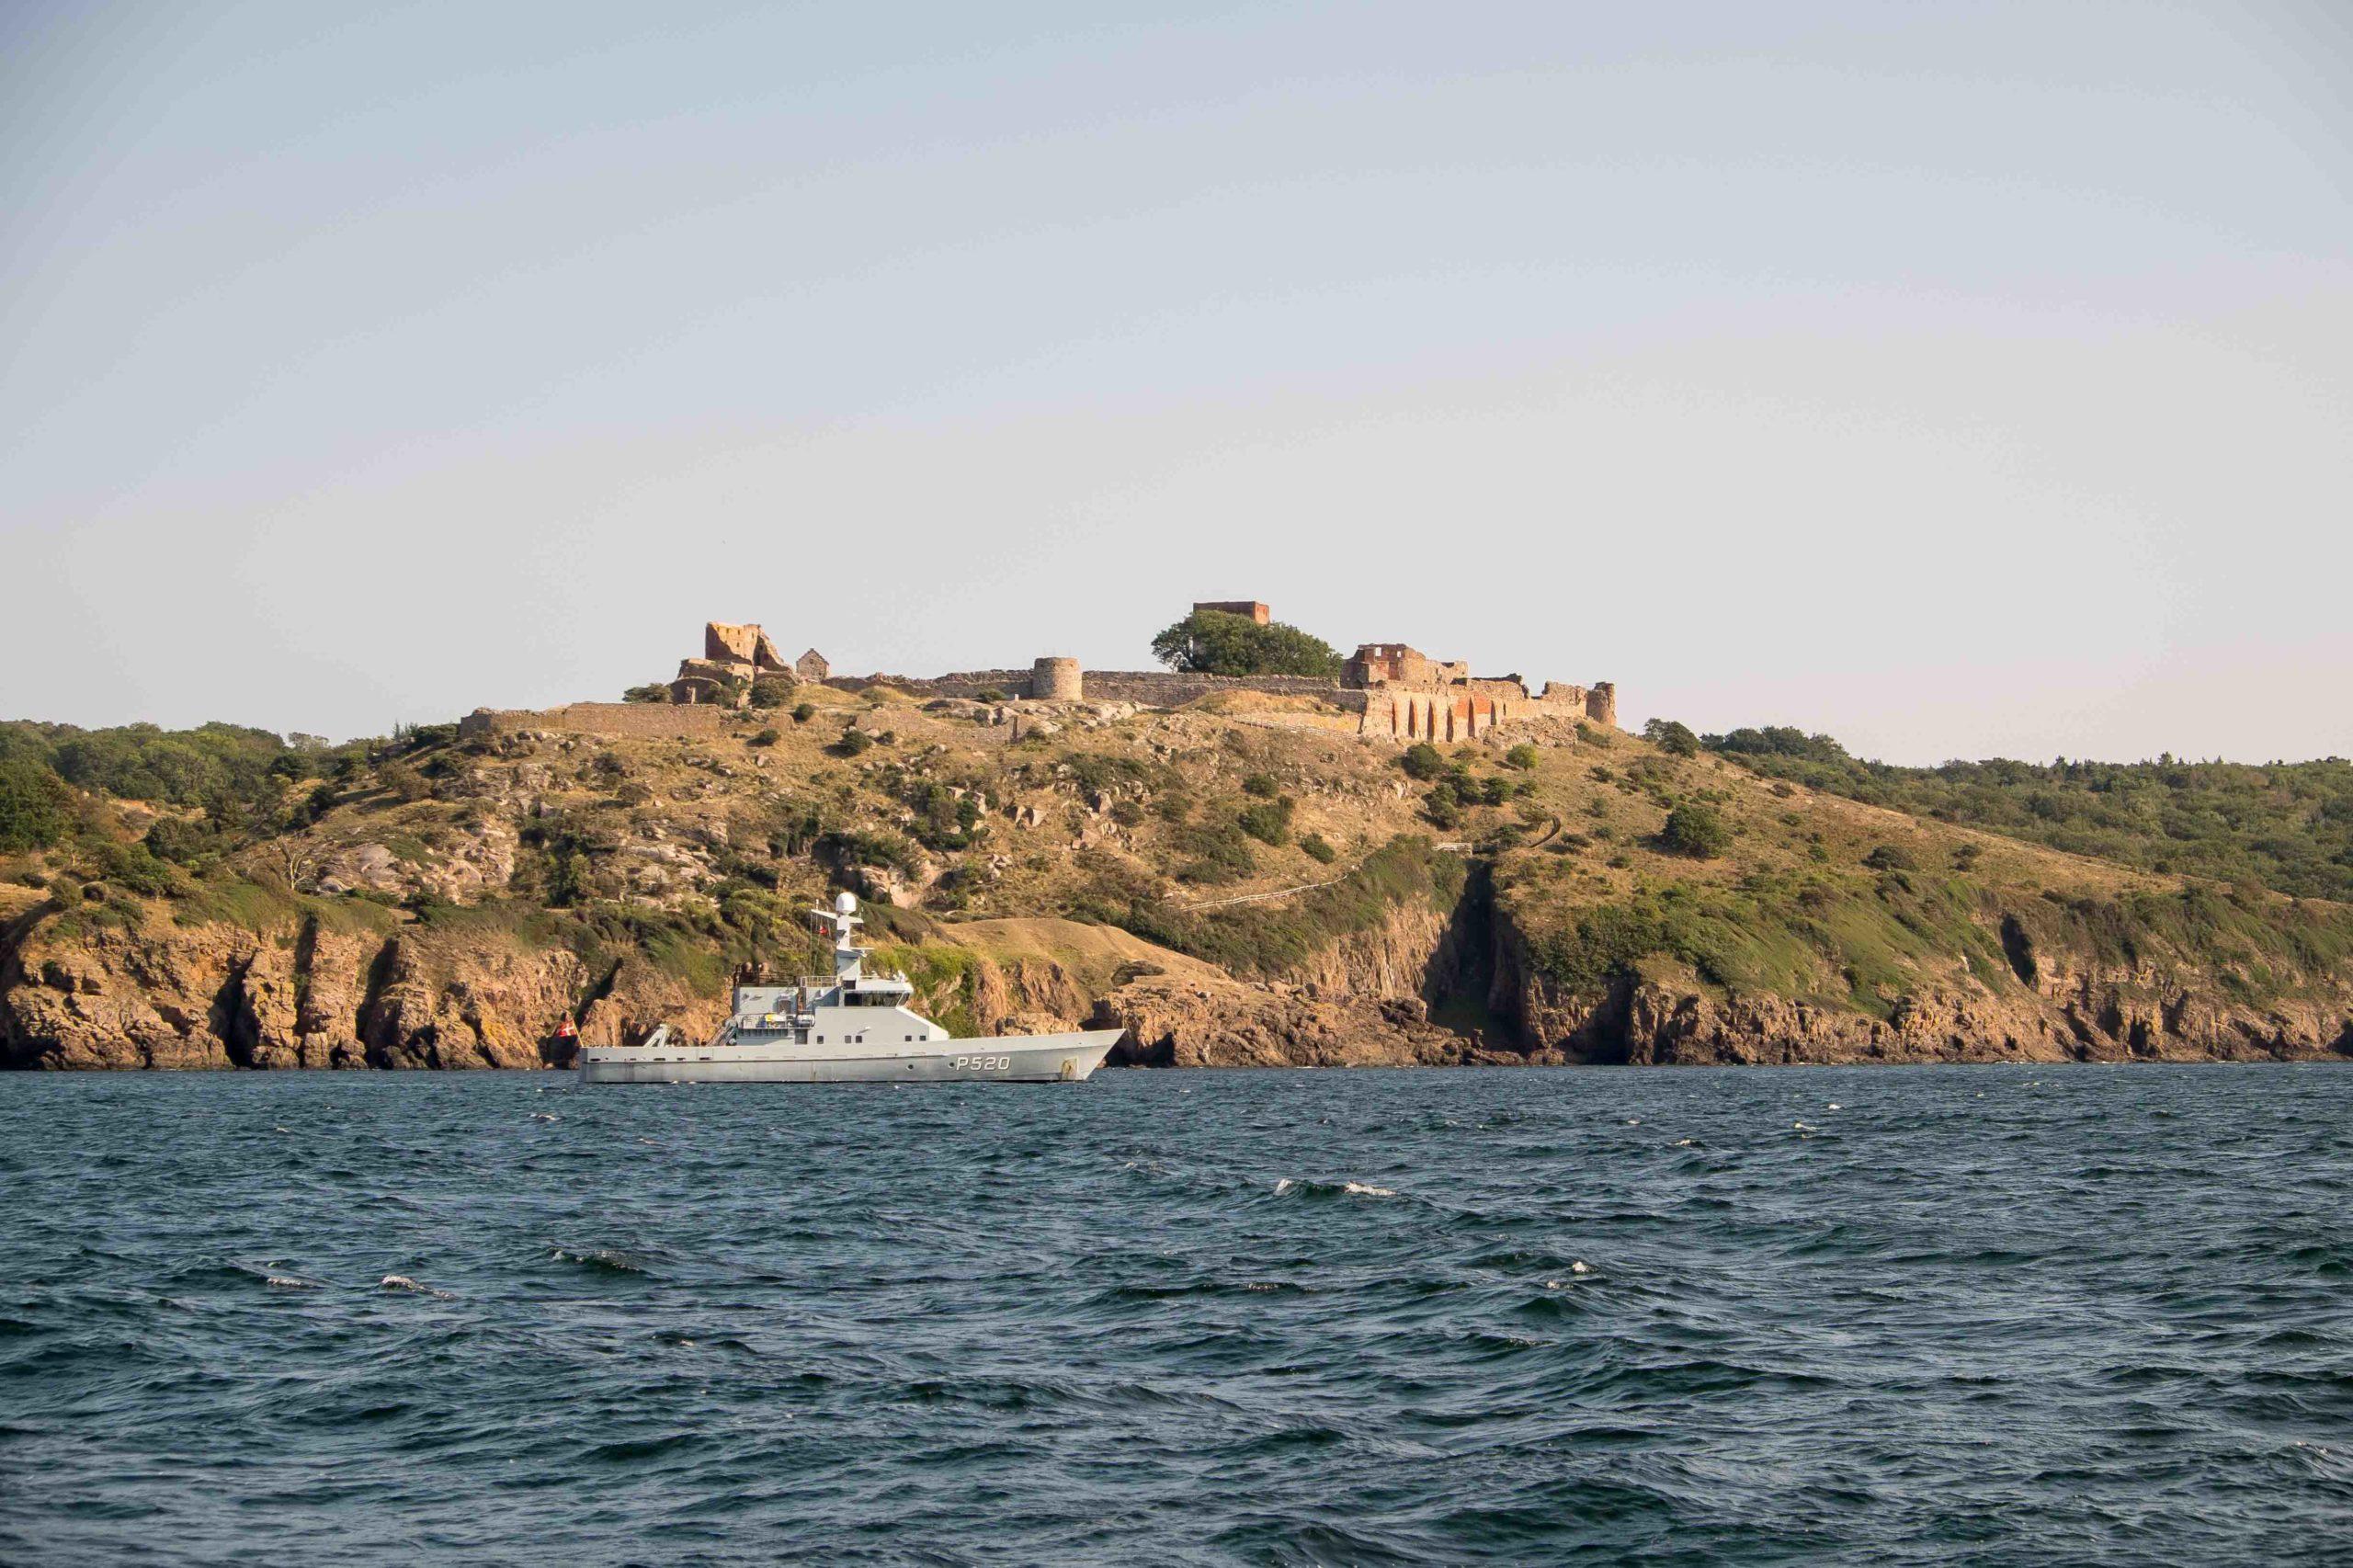 Patrouillenboot im Einsatz